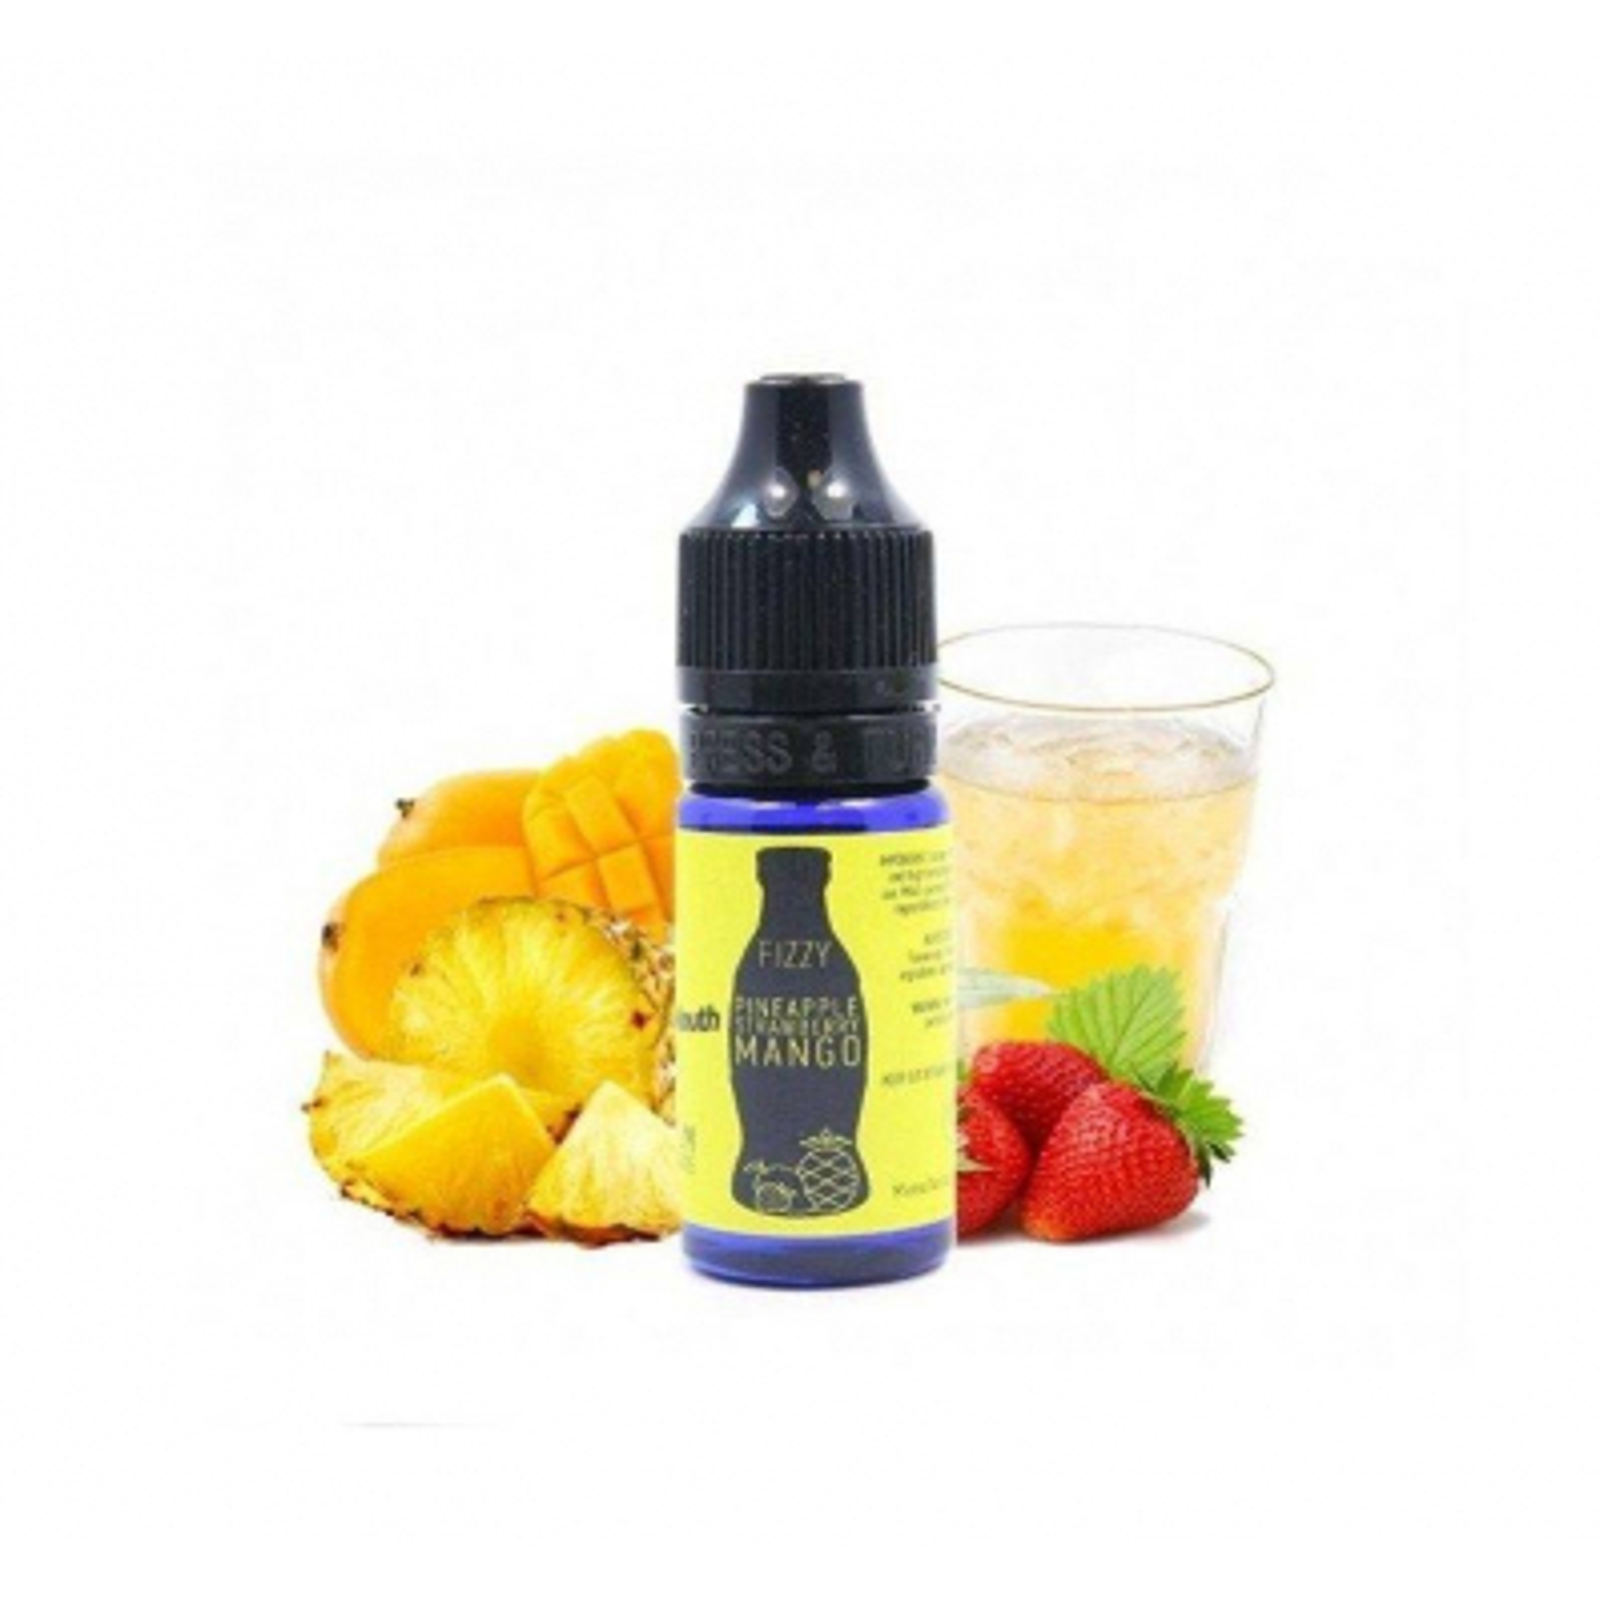 Concentré Pineapple Strawberry Mango - Big Mouth Liquids